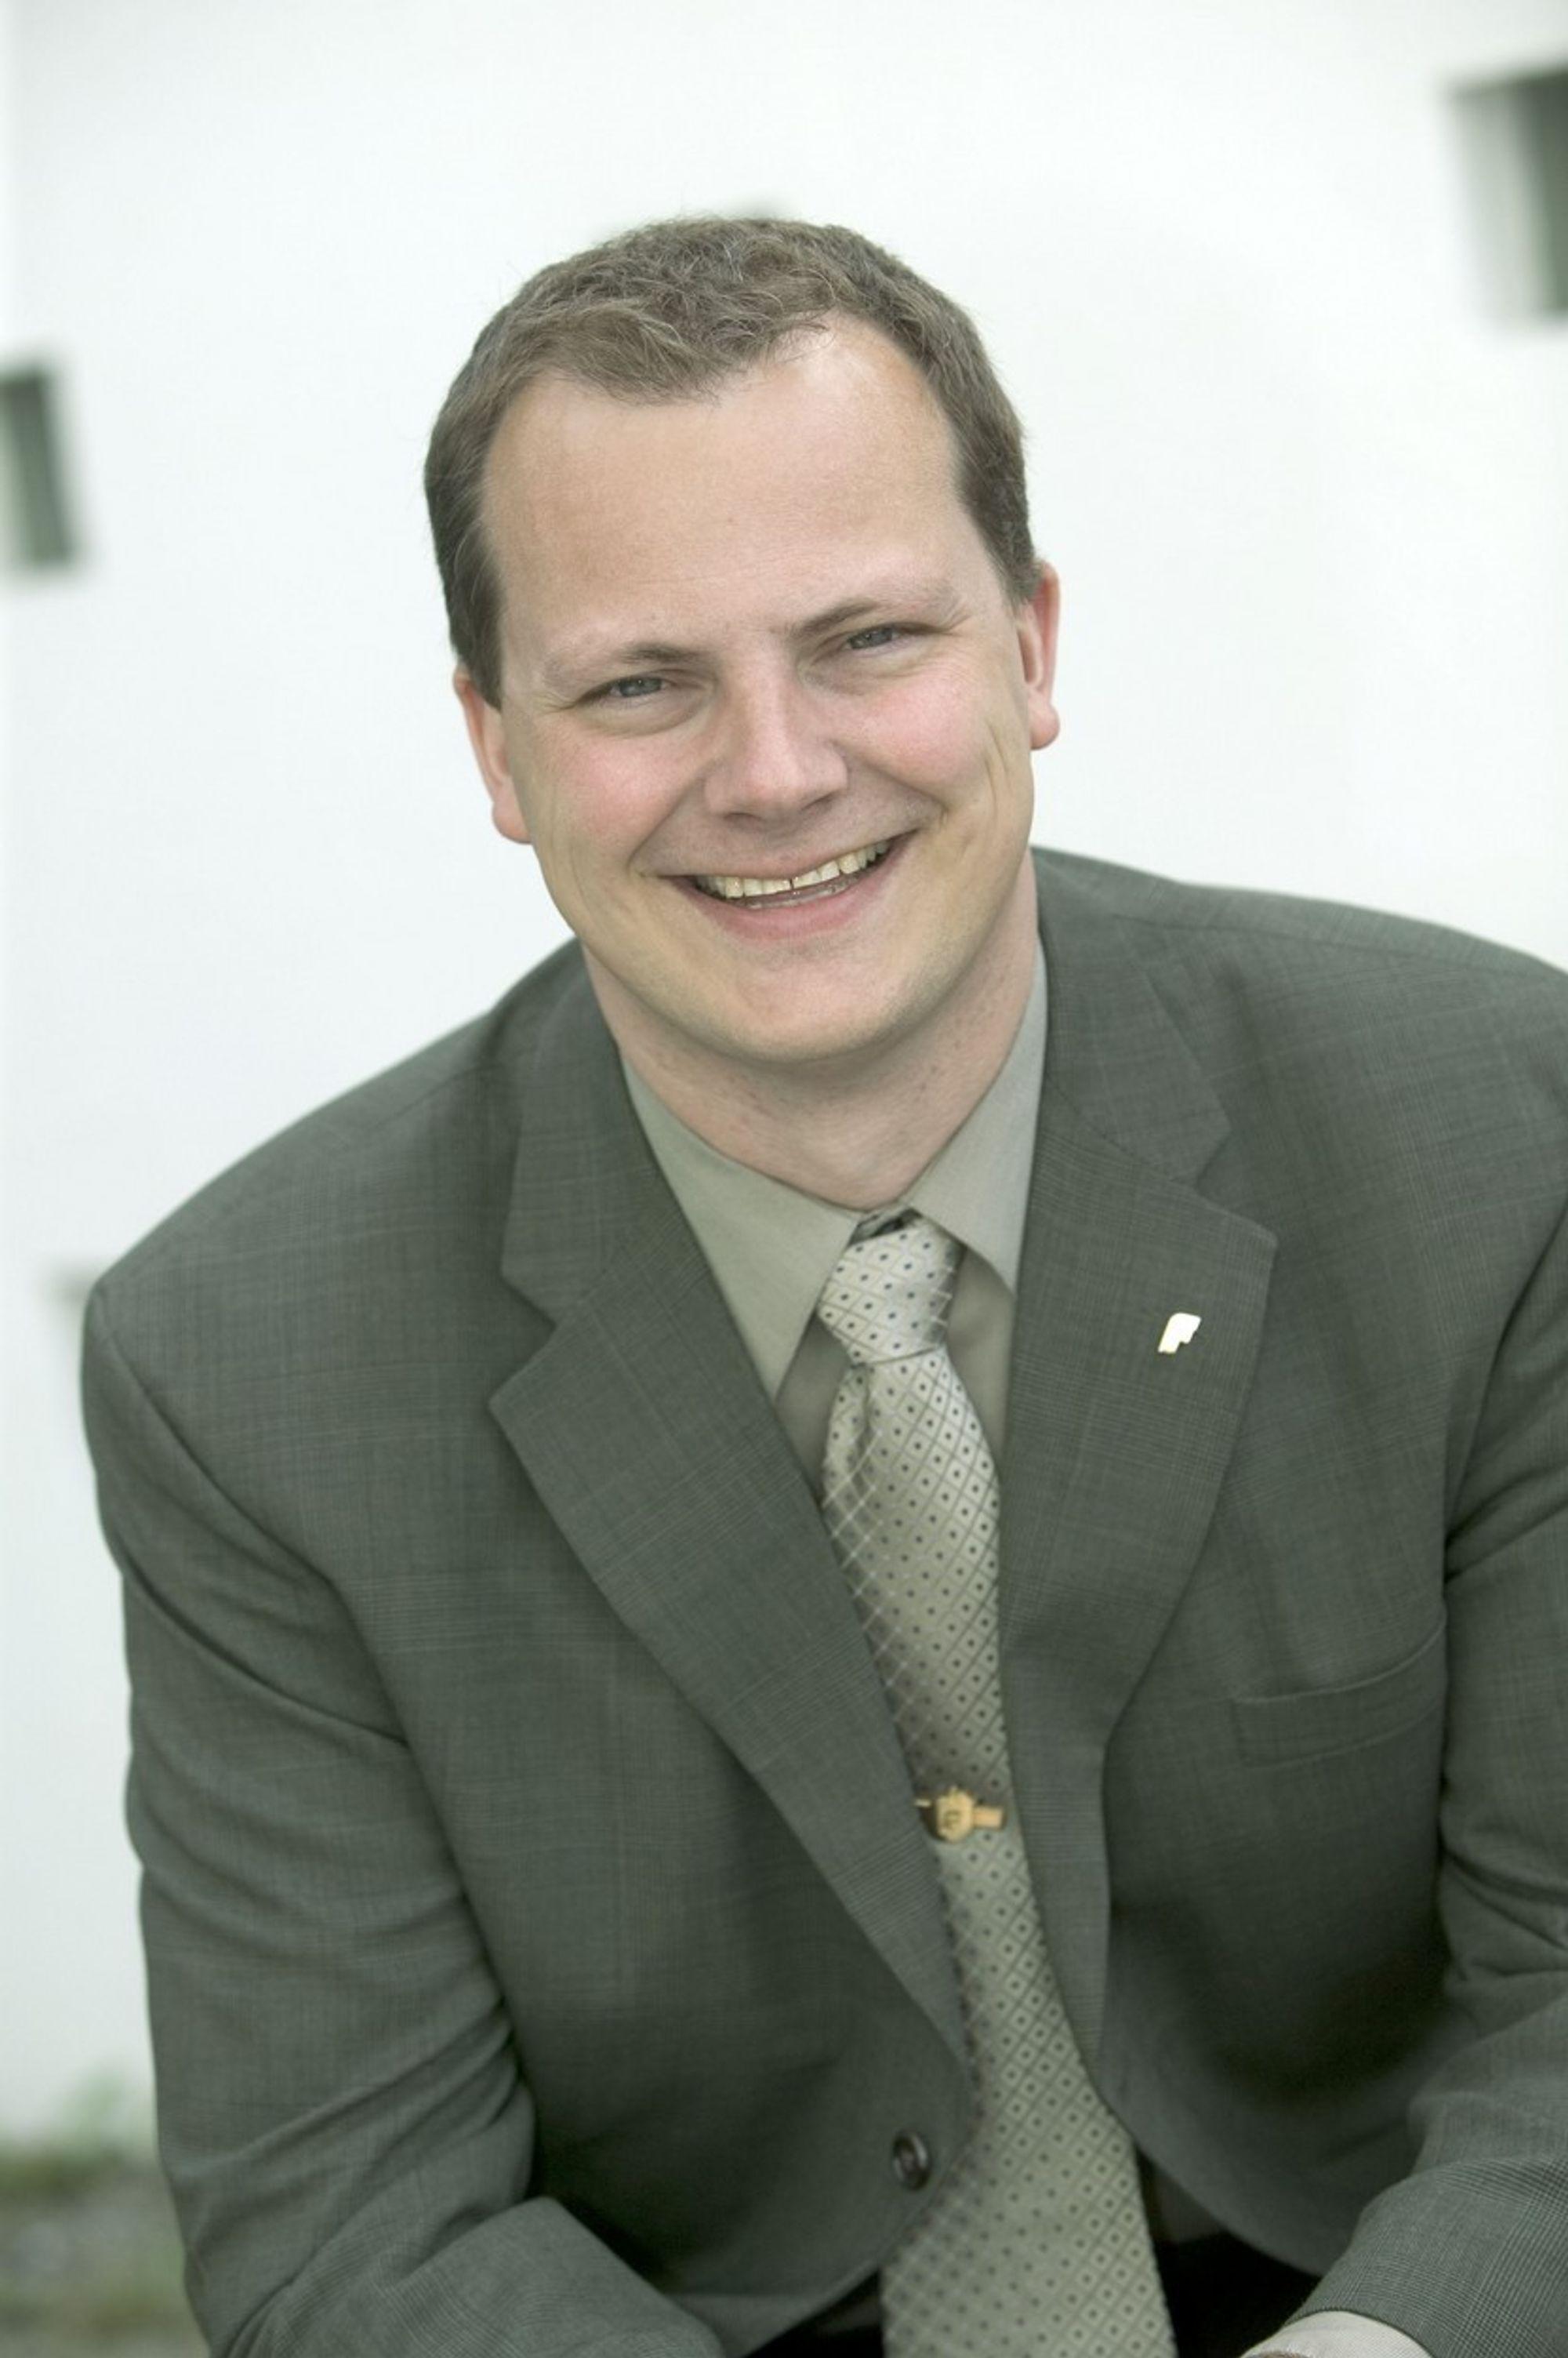 KJERNEKRAFT: Ketil Solvik-Olsen (Frp)  tror ikke Norge kommer utenom kjernekraft i framtiden.